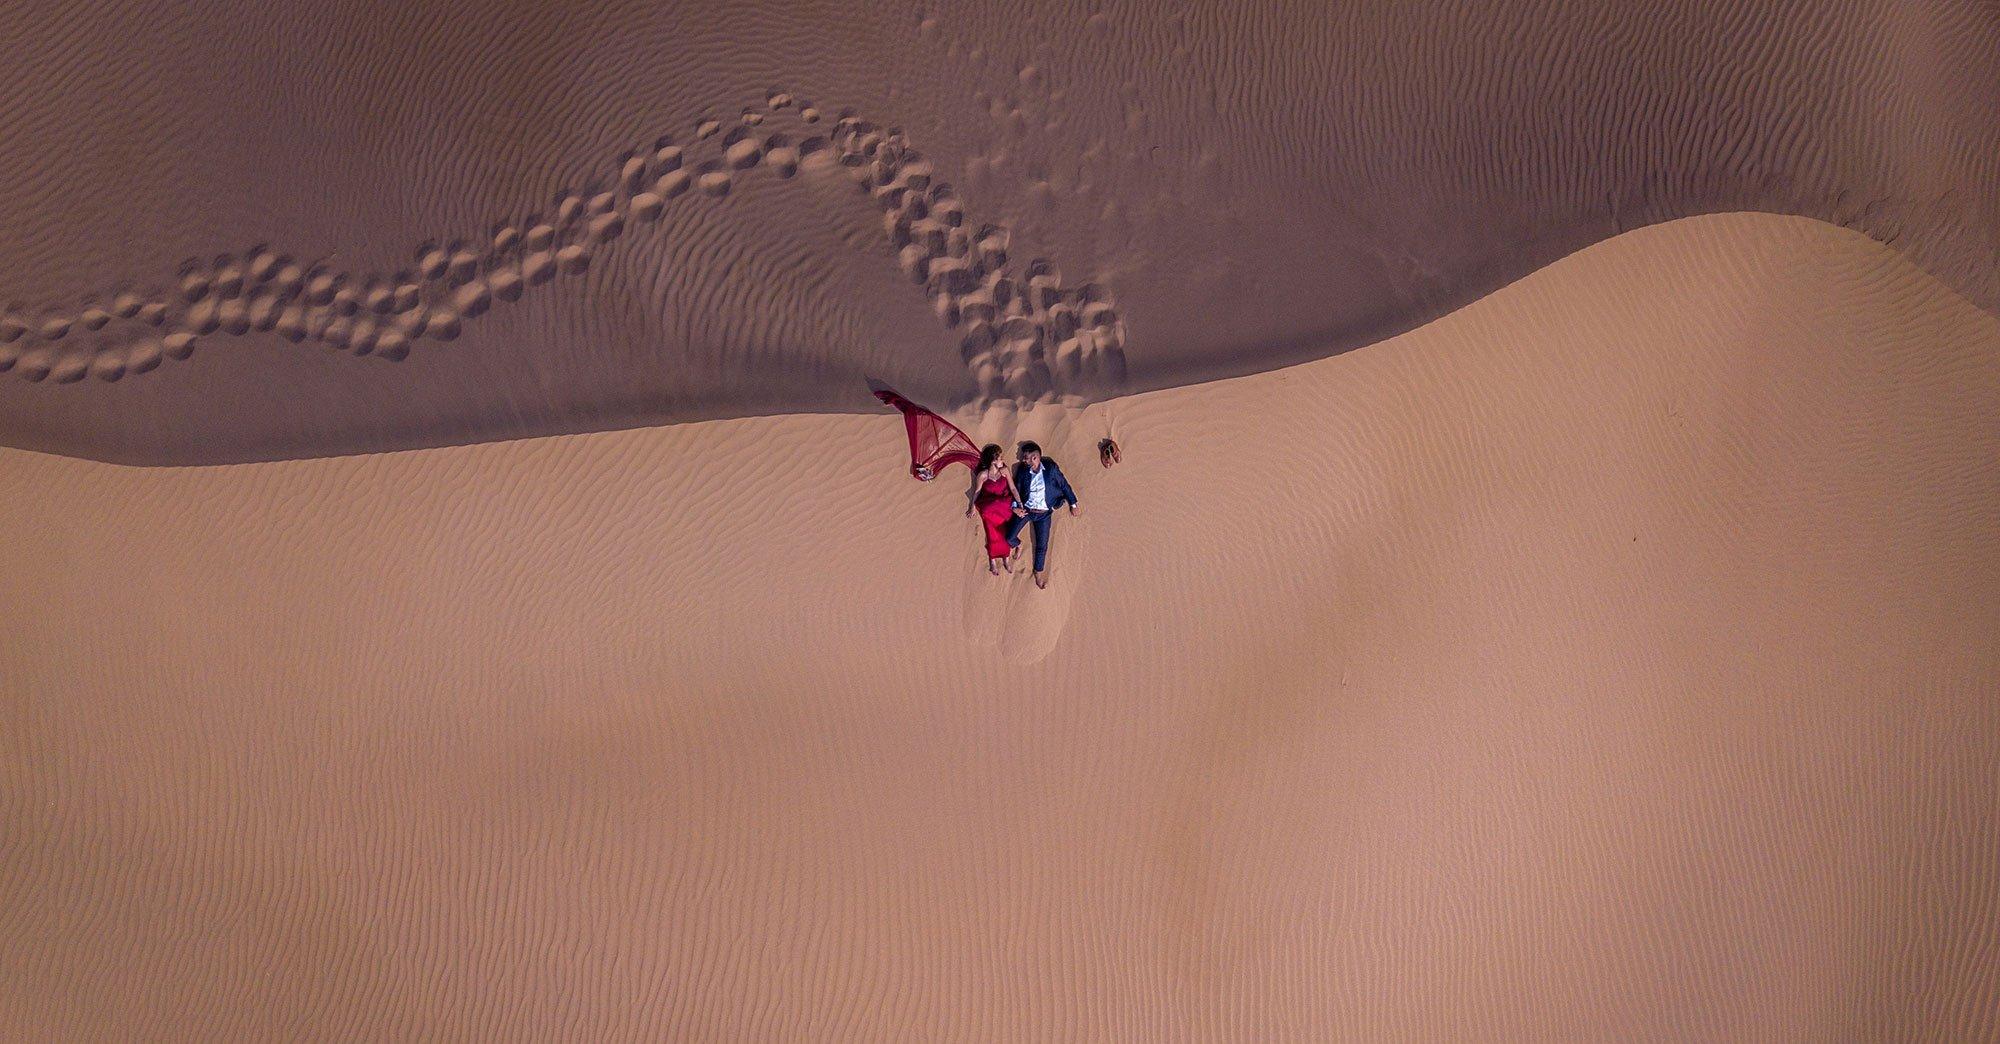 Couple engagement announcement drone photo shoot